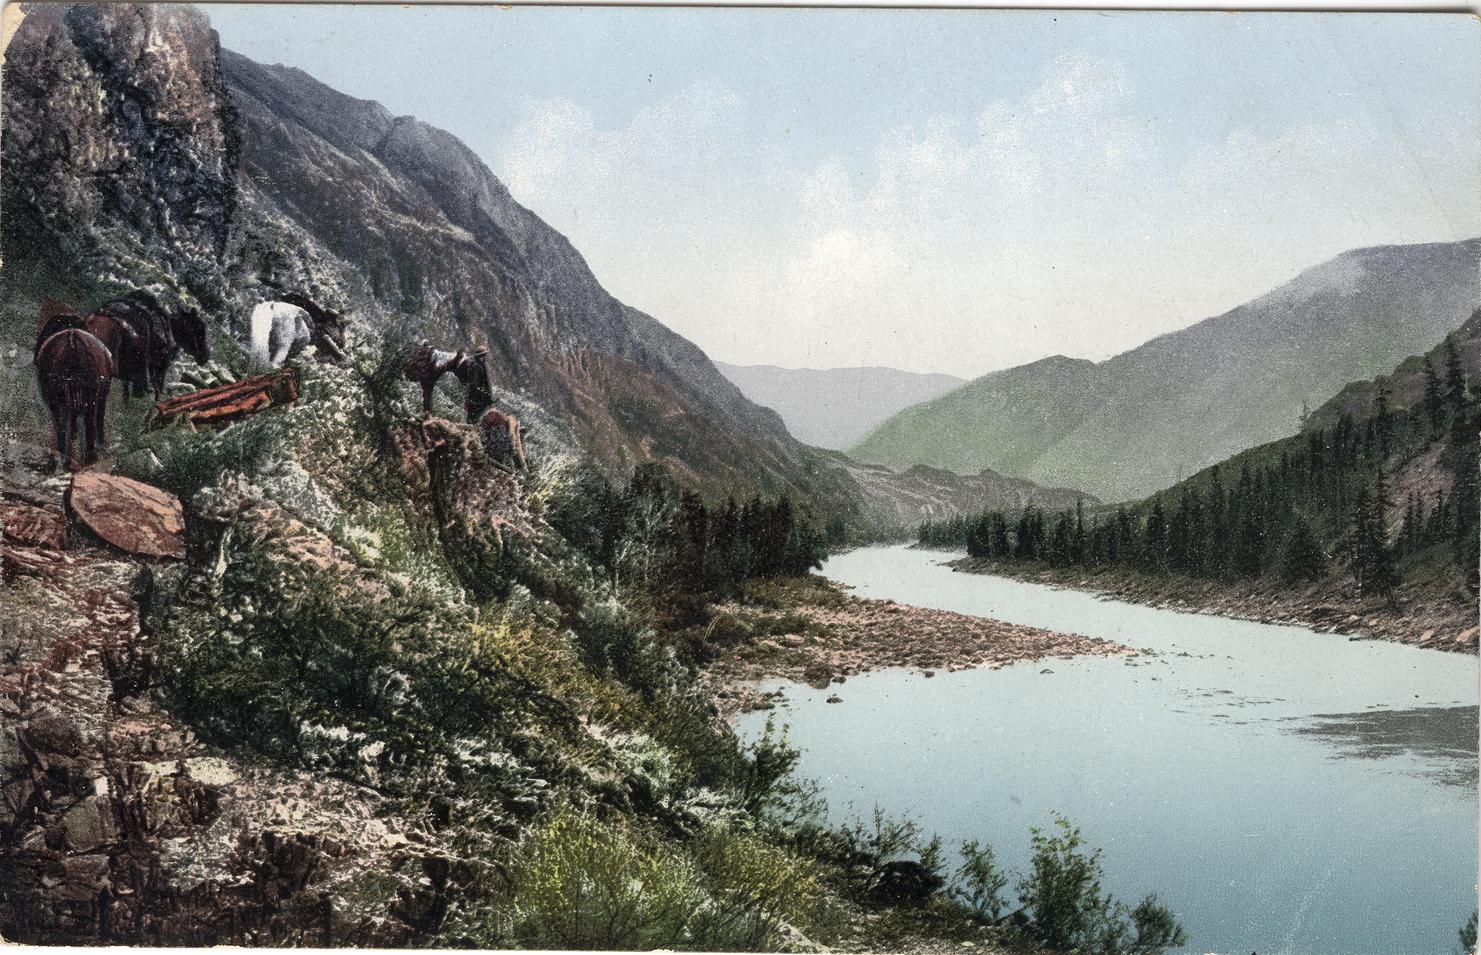 Вьючная тропа вдоль реки Катунь в районе впадения в нее реки Аргут. Около горы и ручья Юхтенер